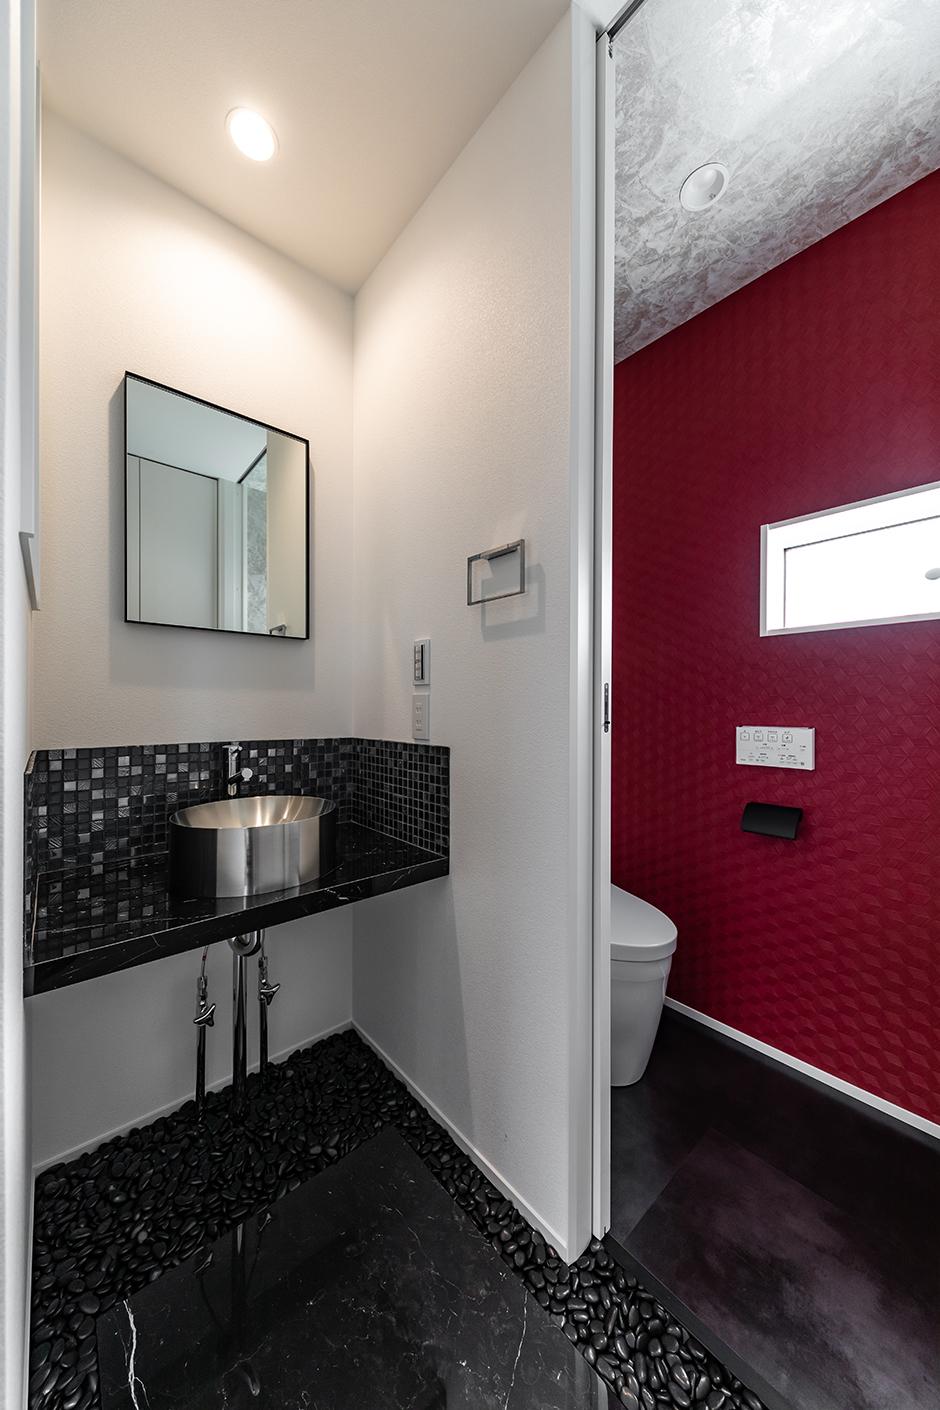 大石さんからの提案で、洗面コーナには黒い砂利石を敷いた。トイレにはアクセントクロスを